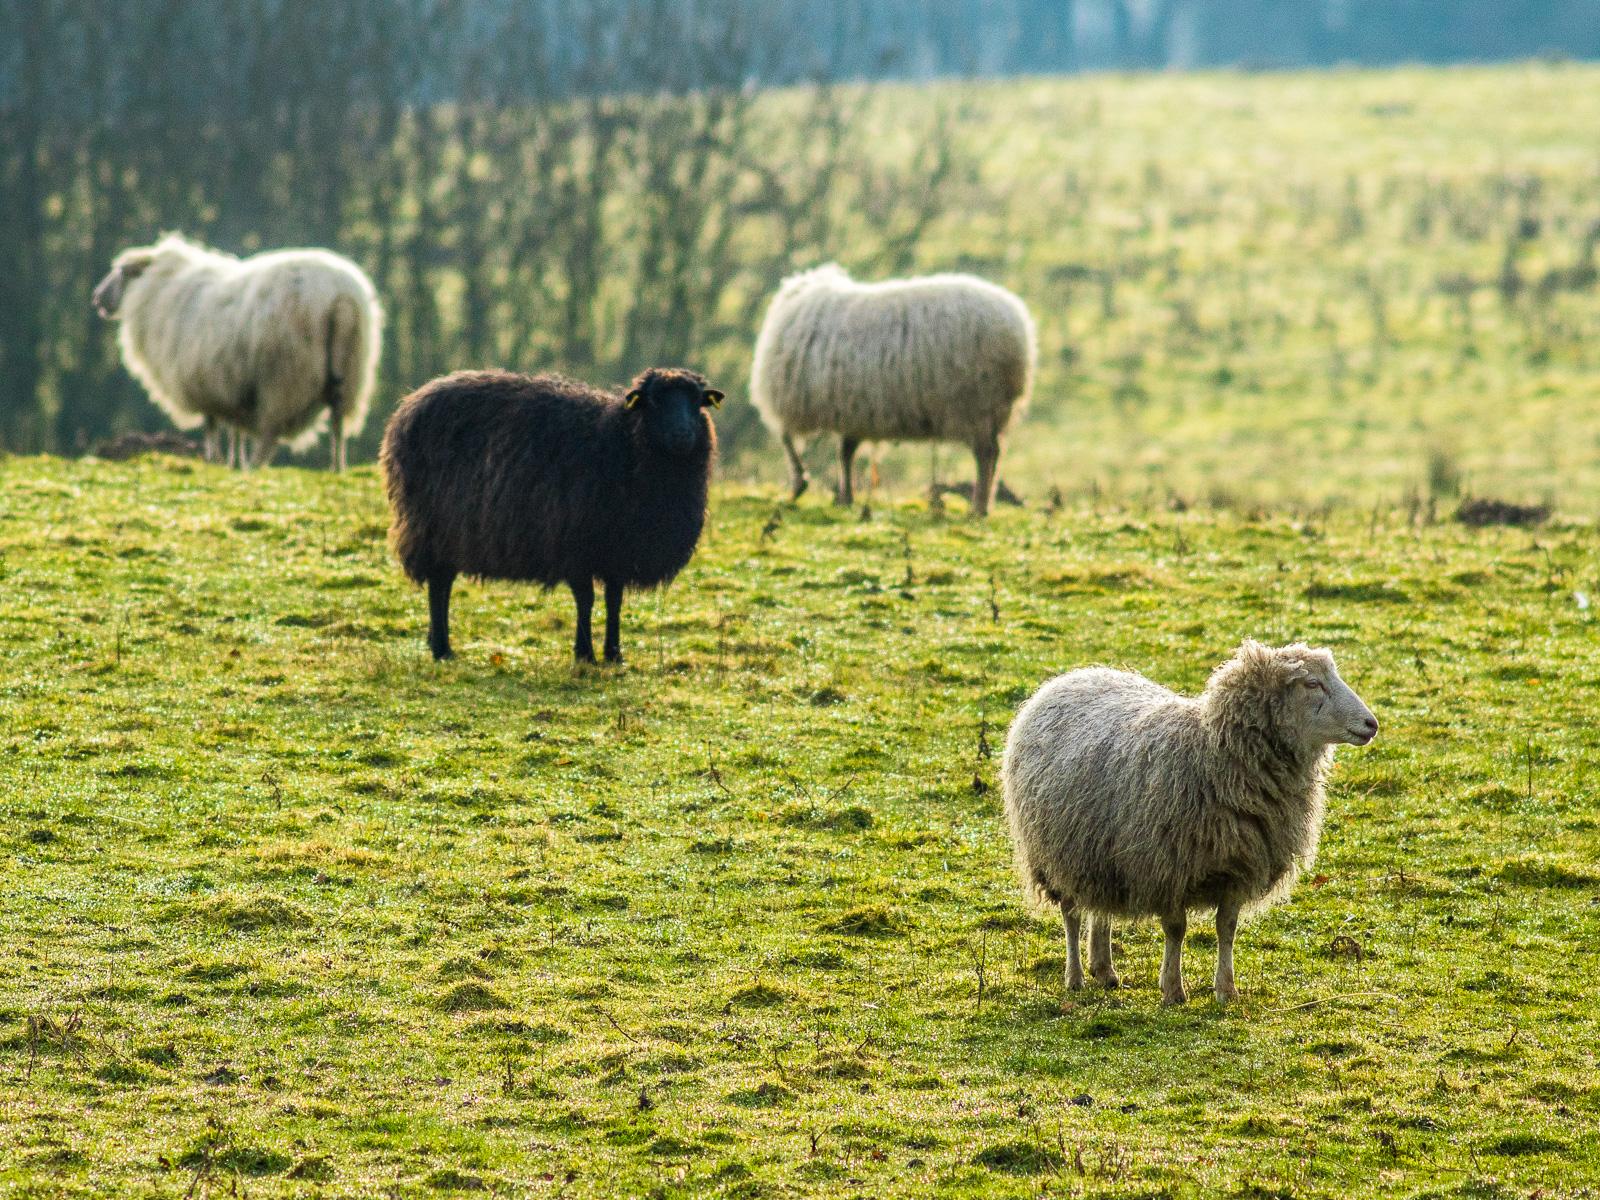 Vier Schafe im Gegenlicht, eins davon schwarz